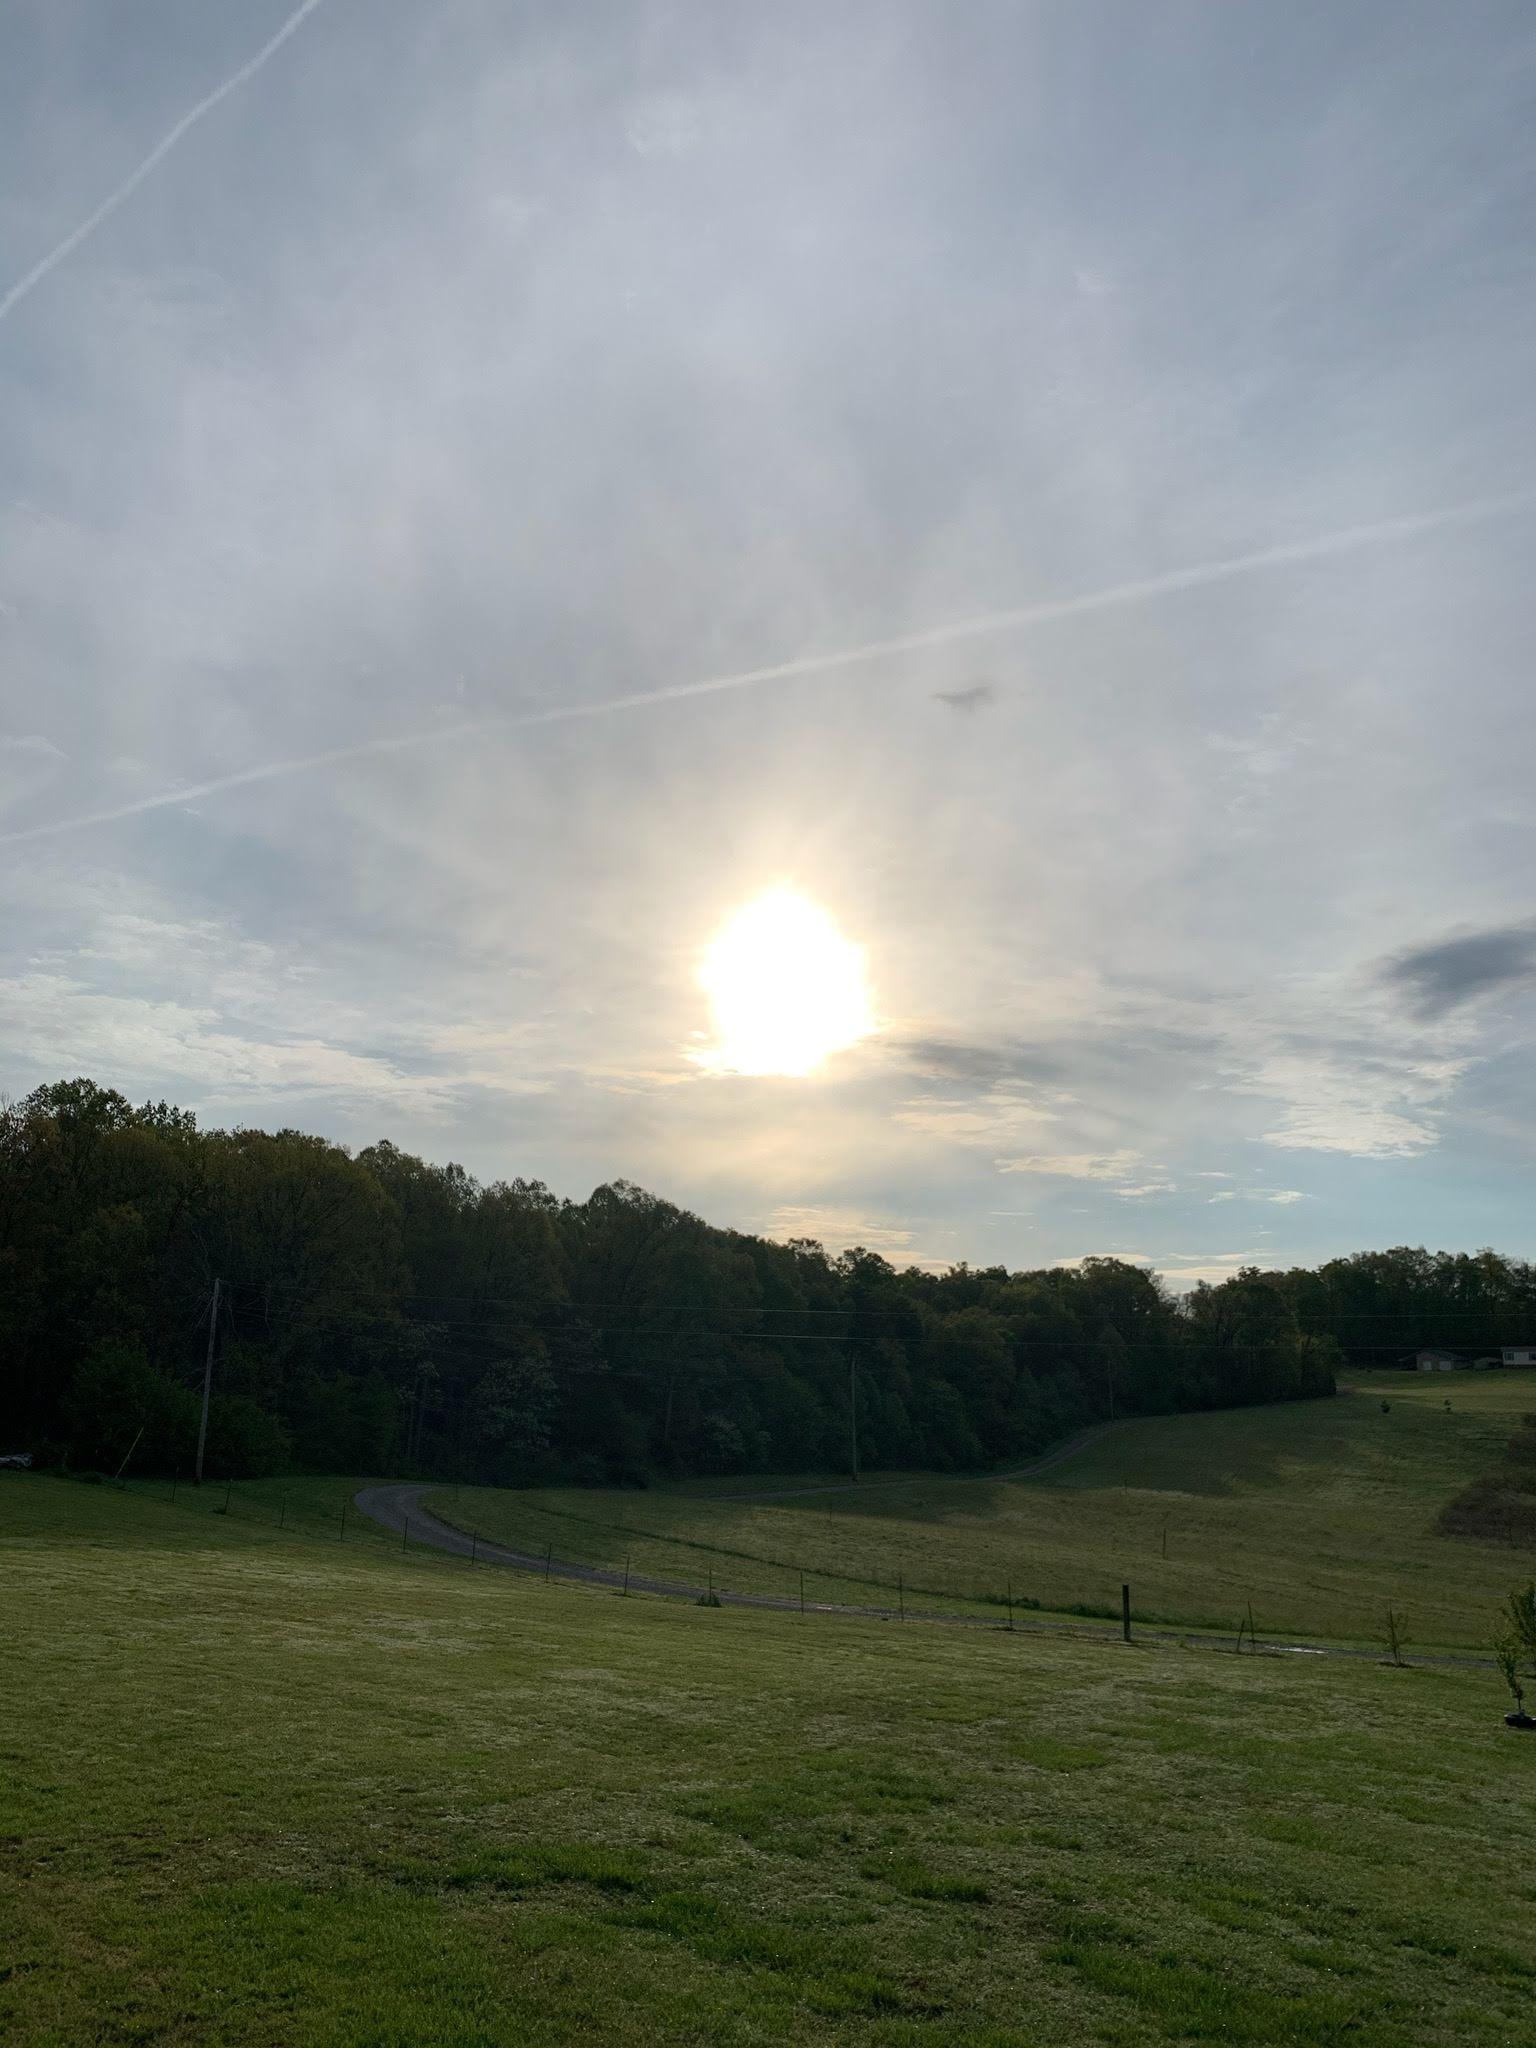 Sun risingover mountian